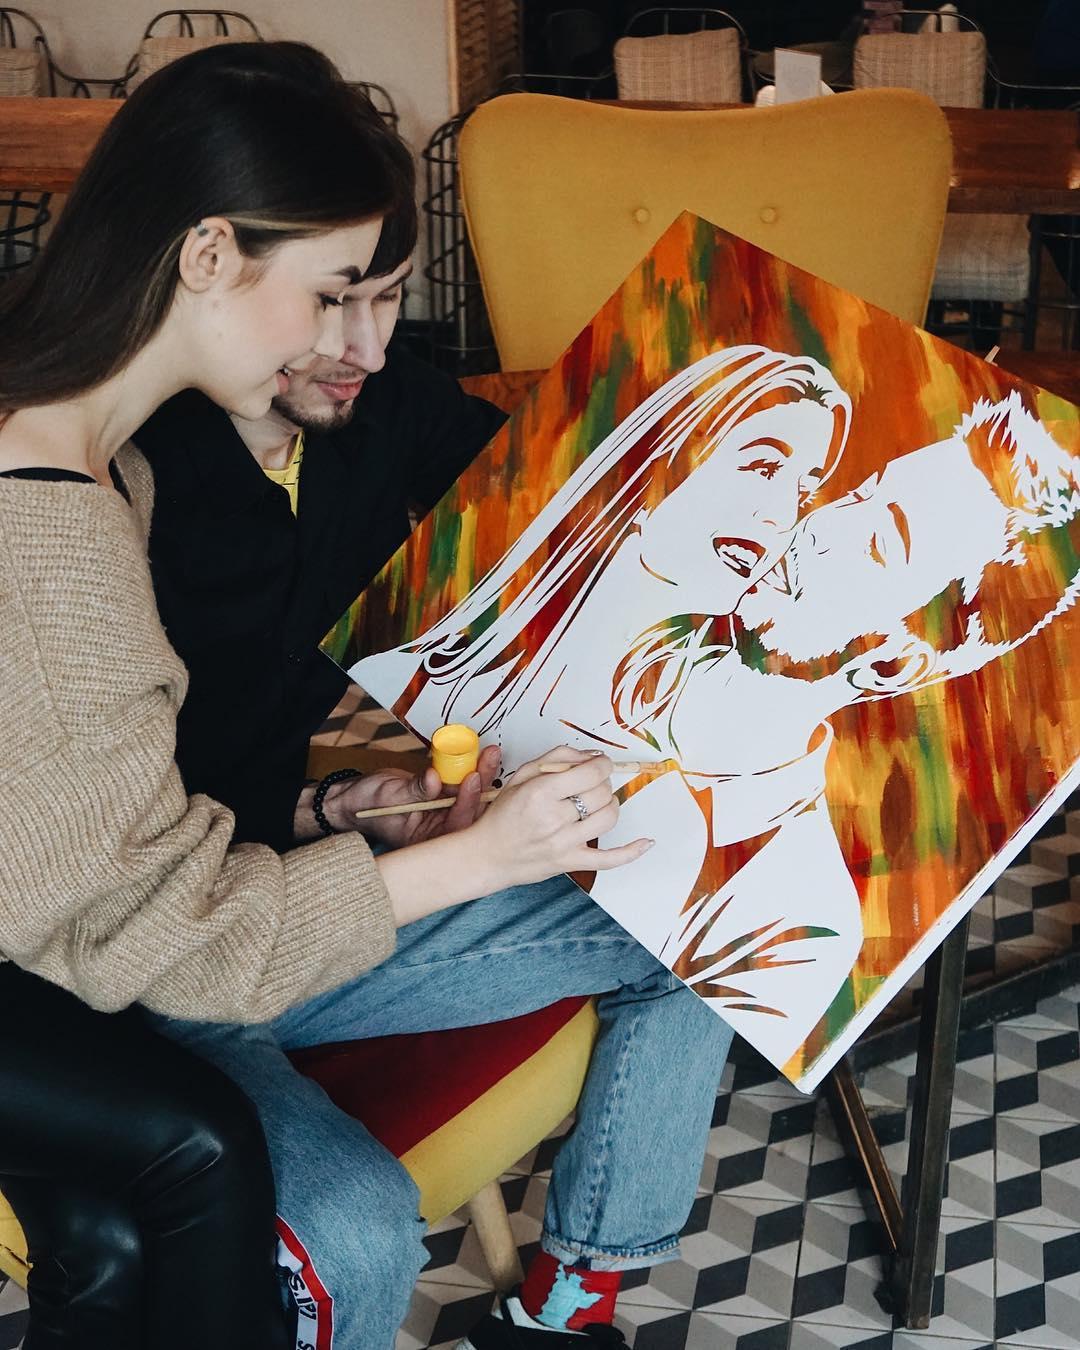 Для творческих личностей лучшим подарком станет картина по фото, которую можно создать самостоятельно. Instagram: @paintyou.art